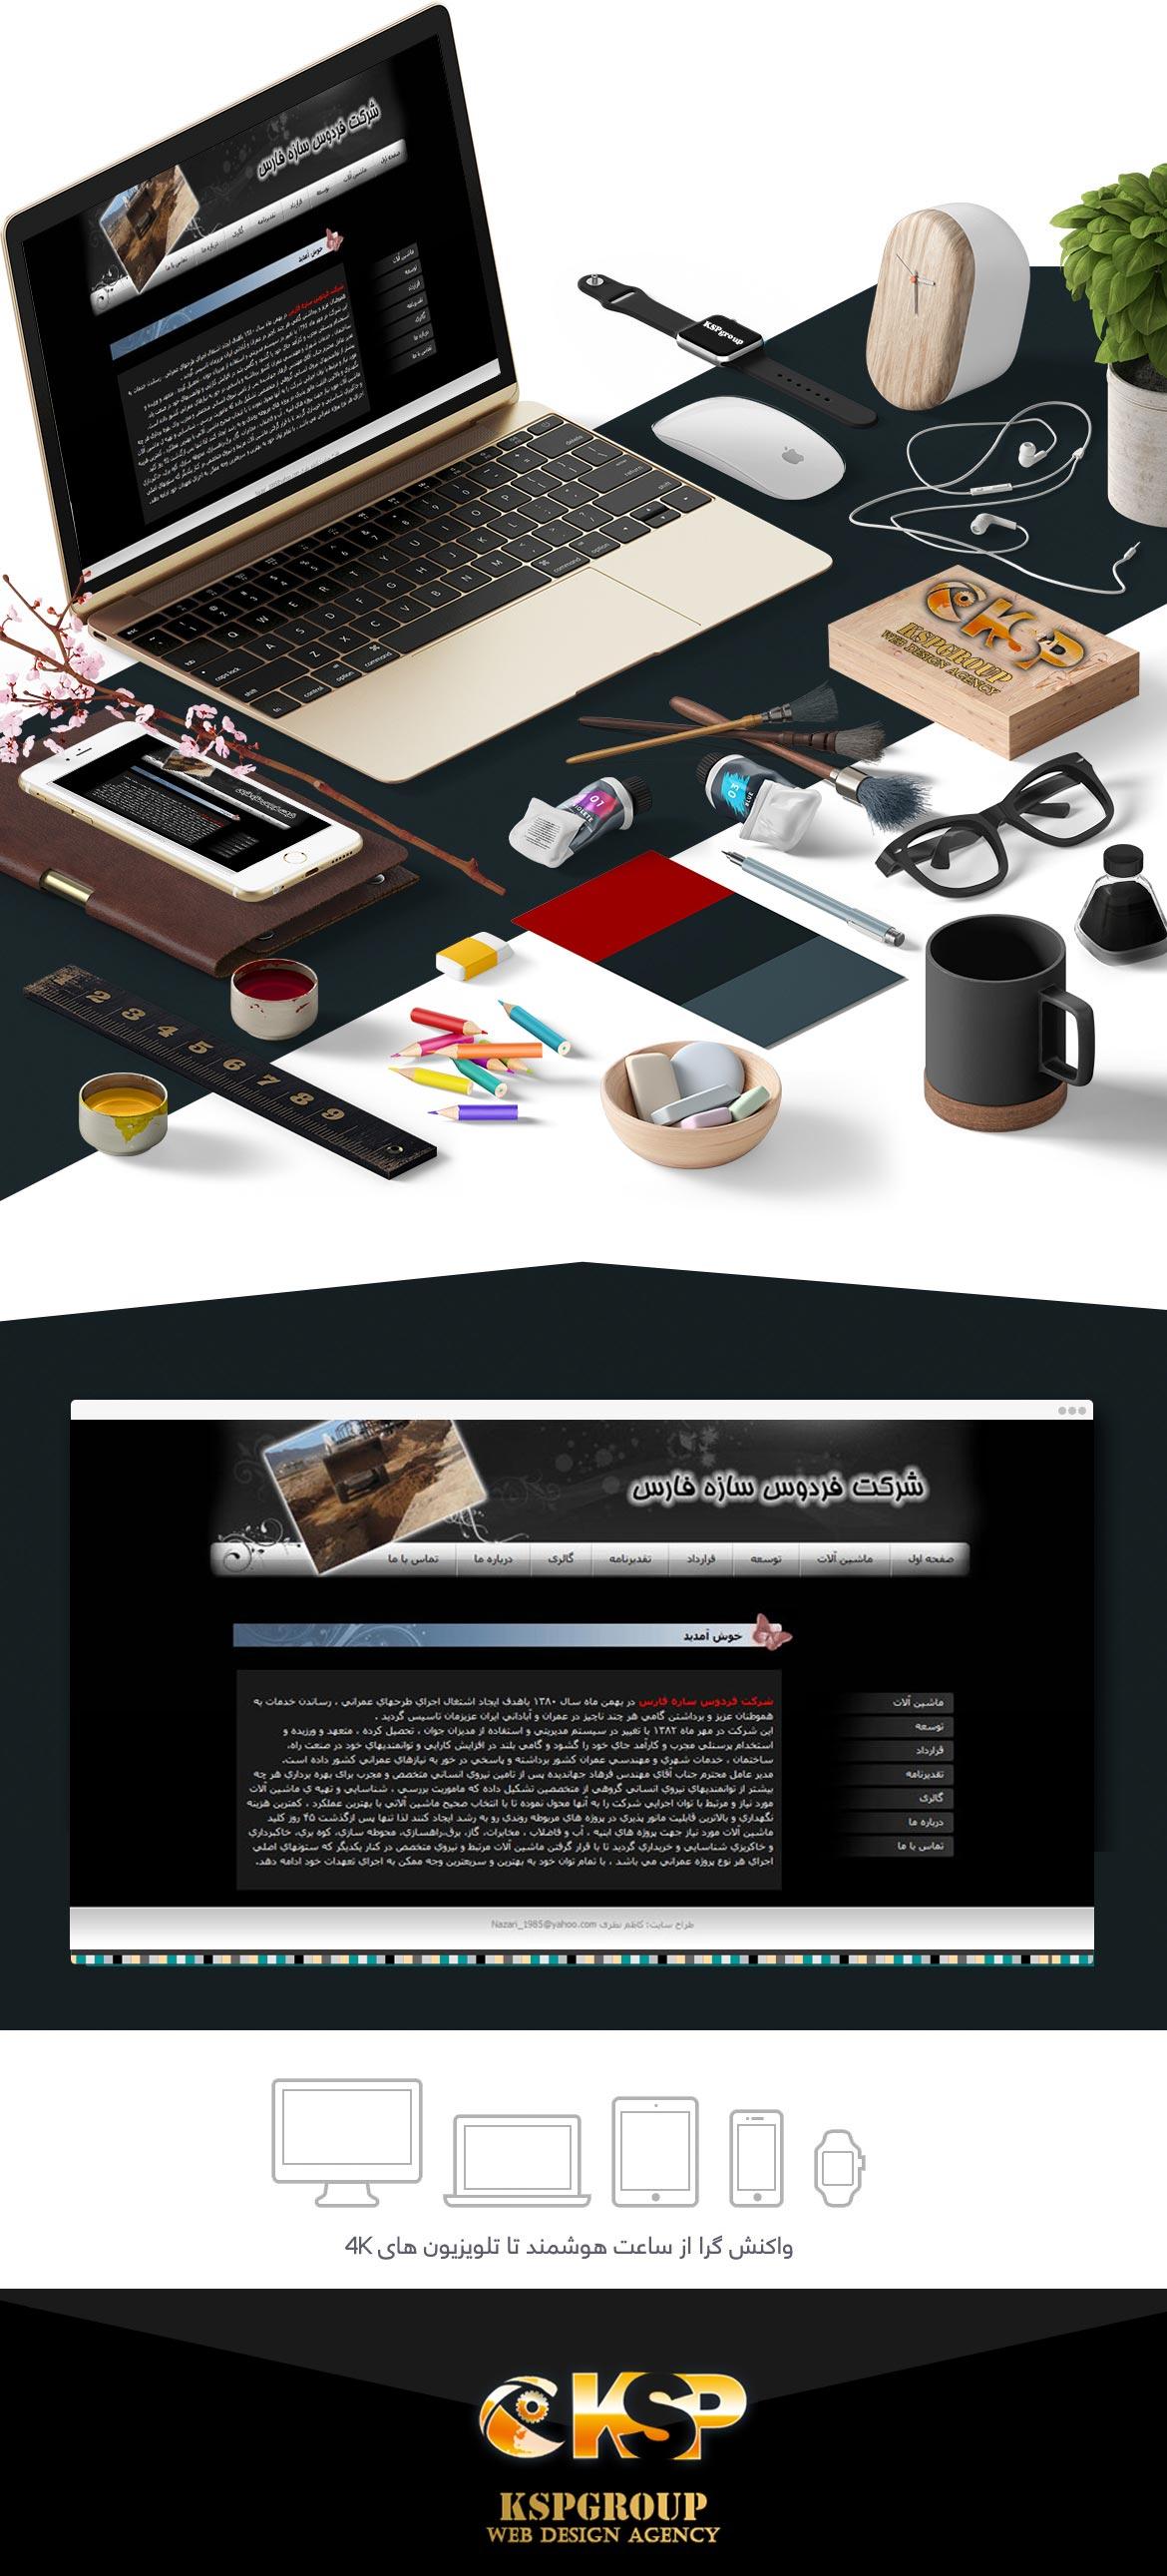 طراحی وب سایت شرکت فردوس سازه فارس پارس آرین